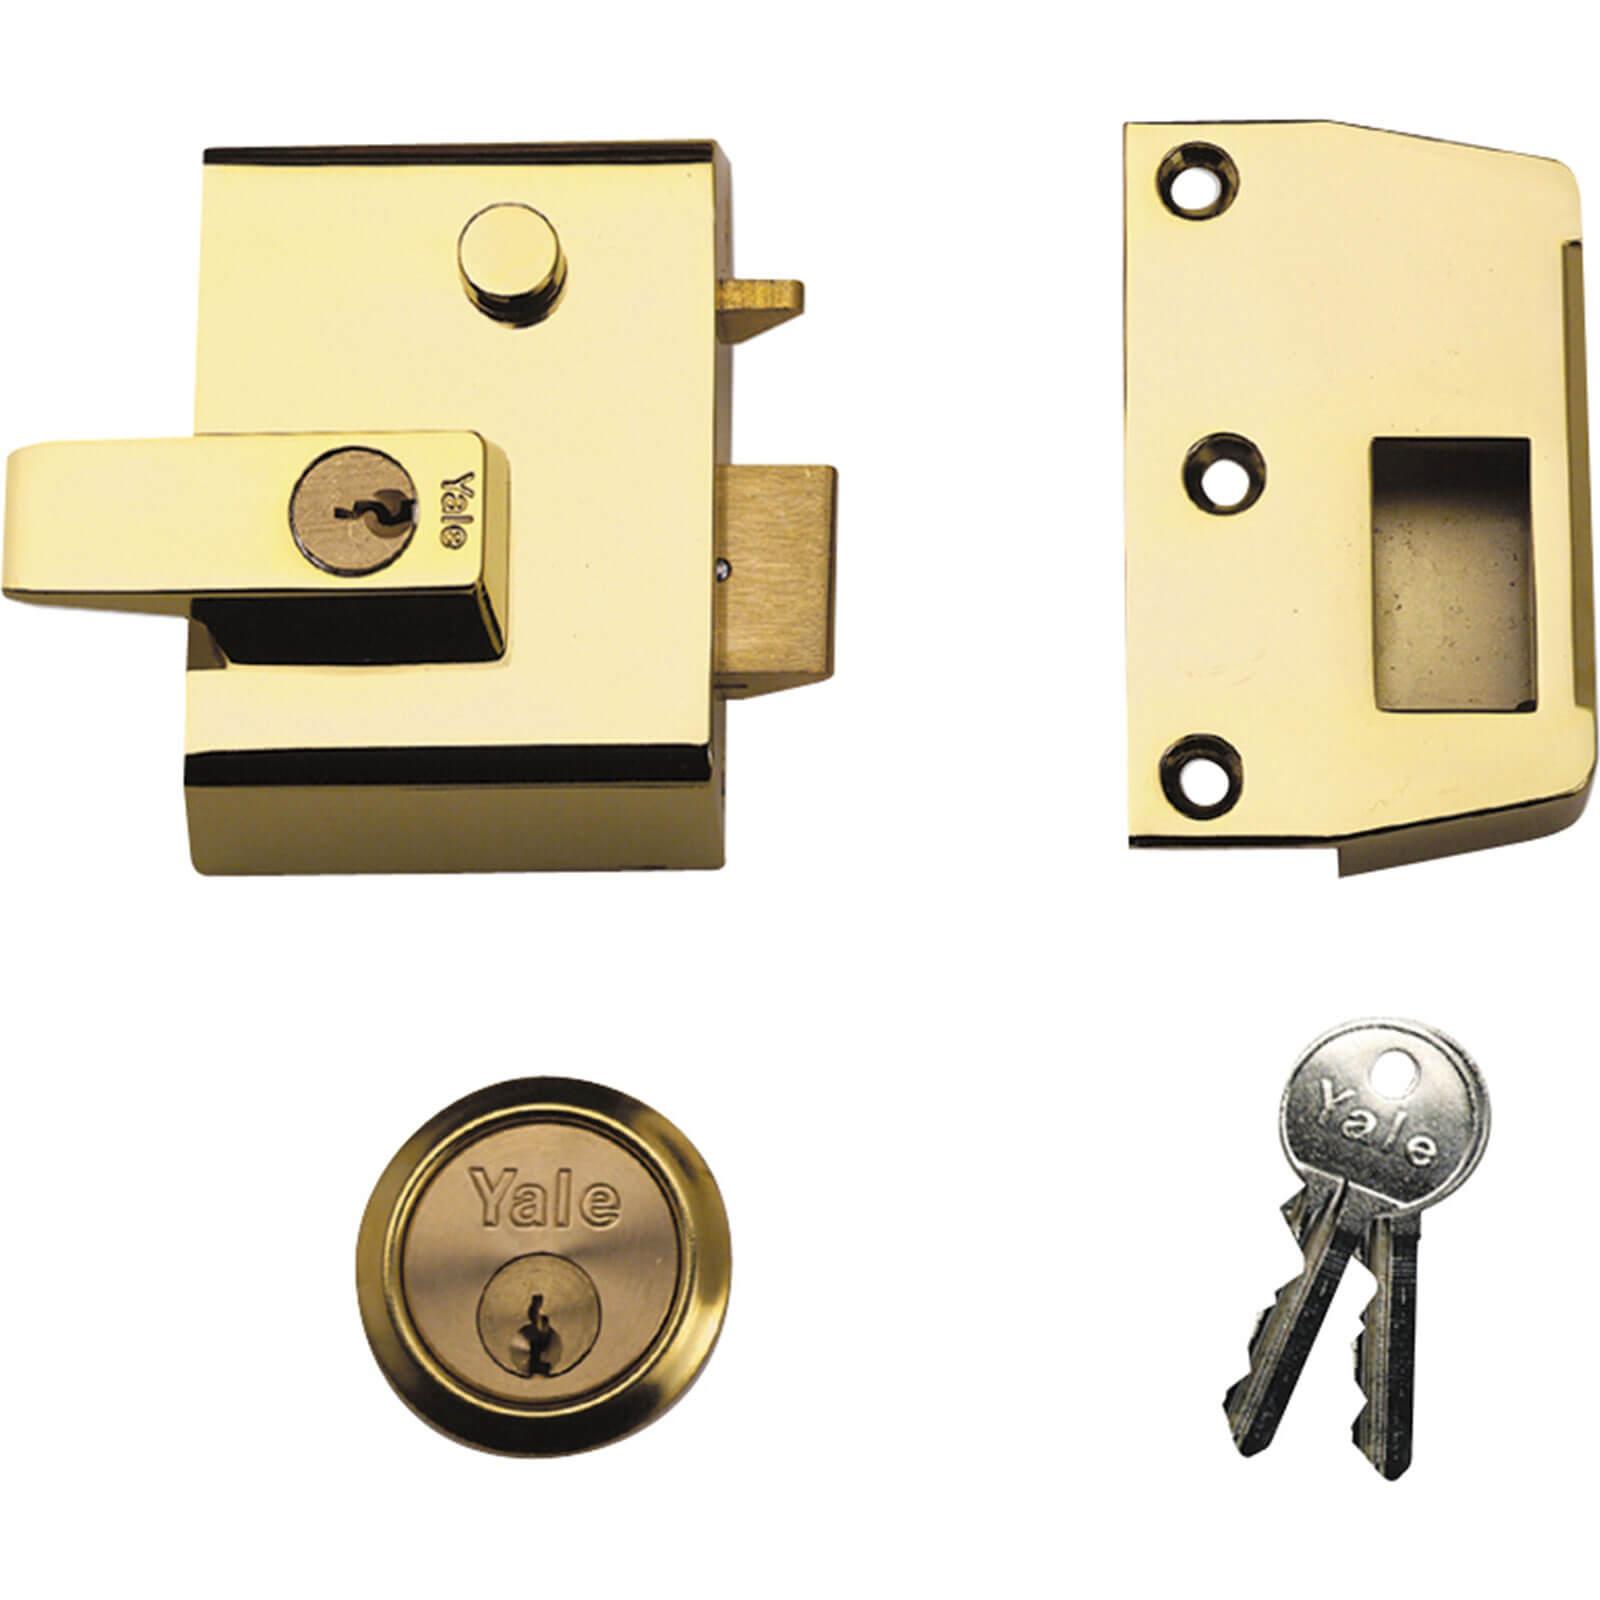 Yale Locks P2 Double Security Nightlatch Chrome Finish 40mm Backset